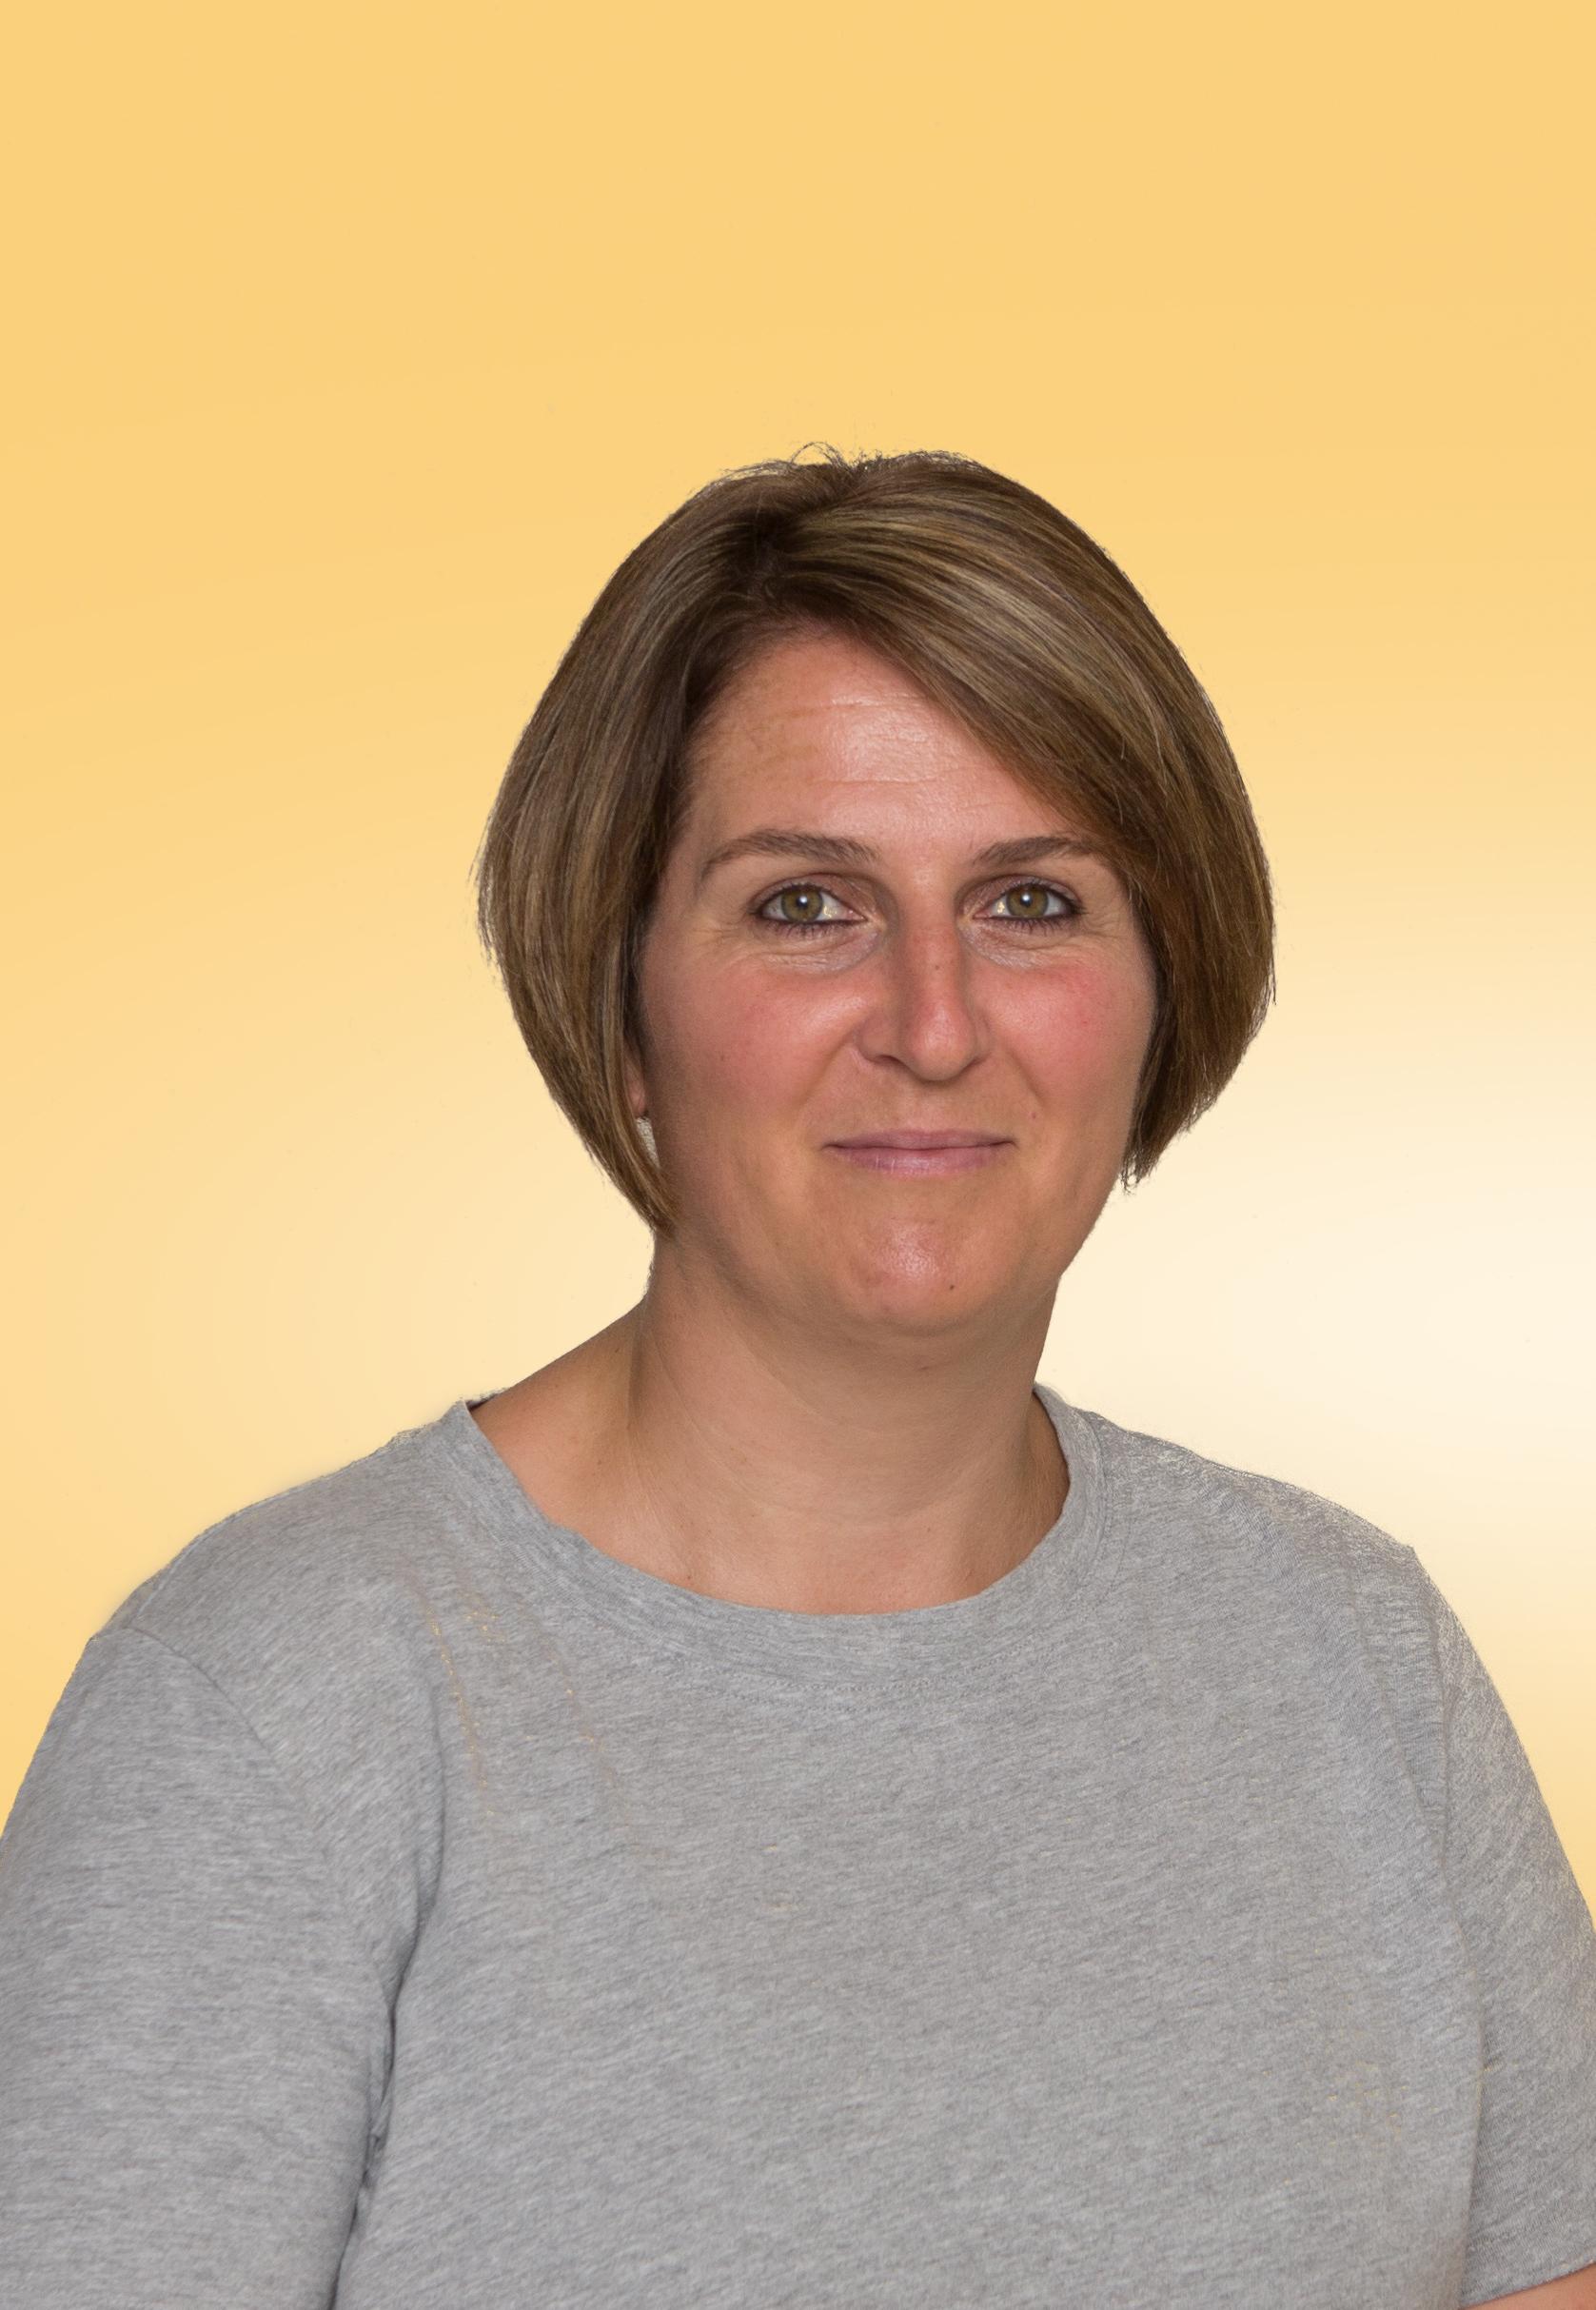 Ines Höller